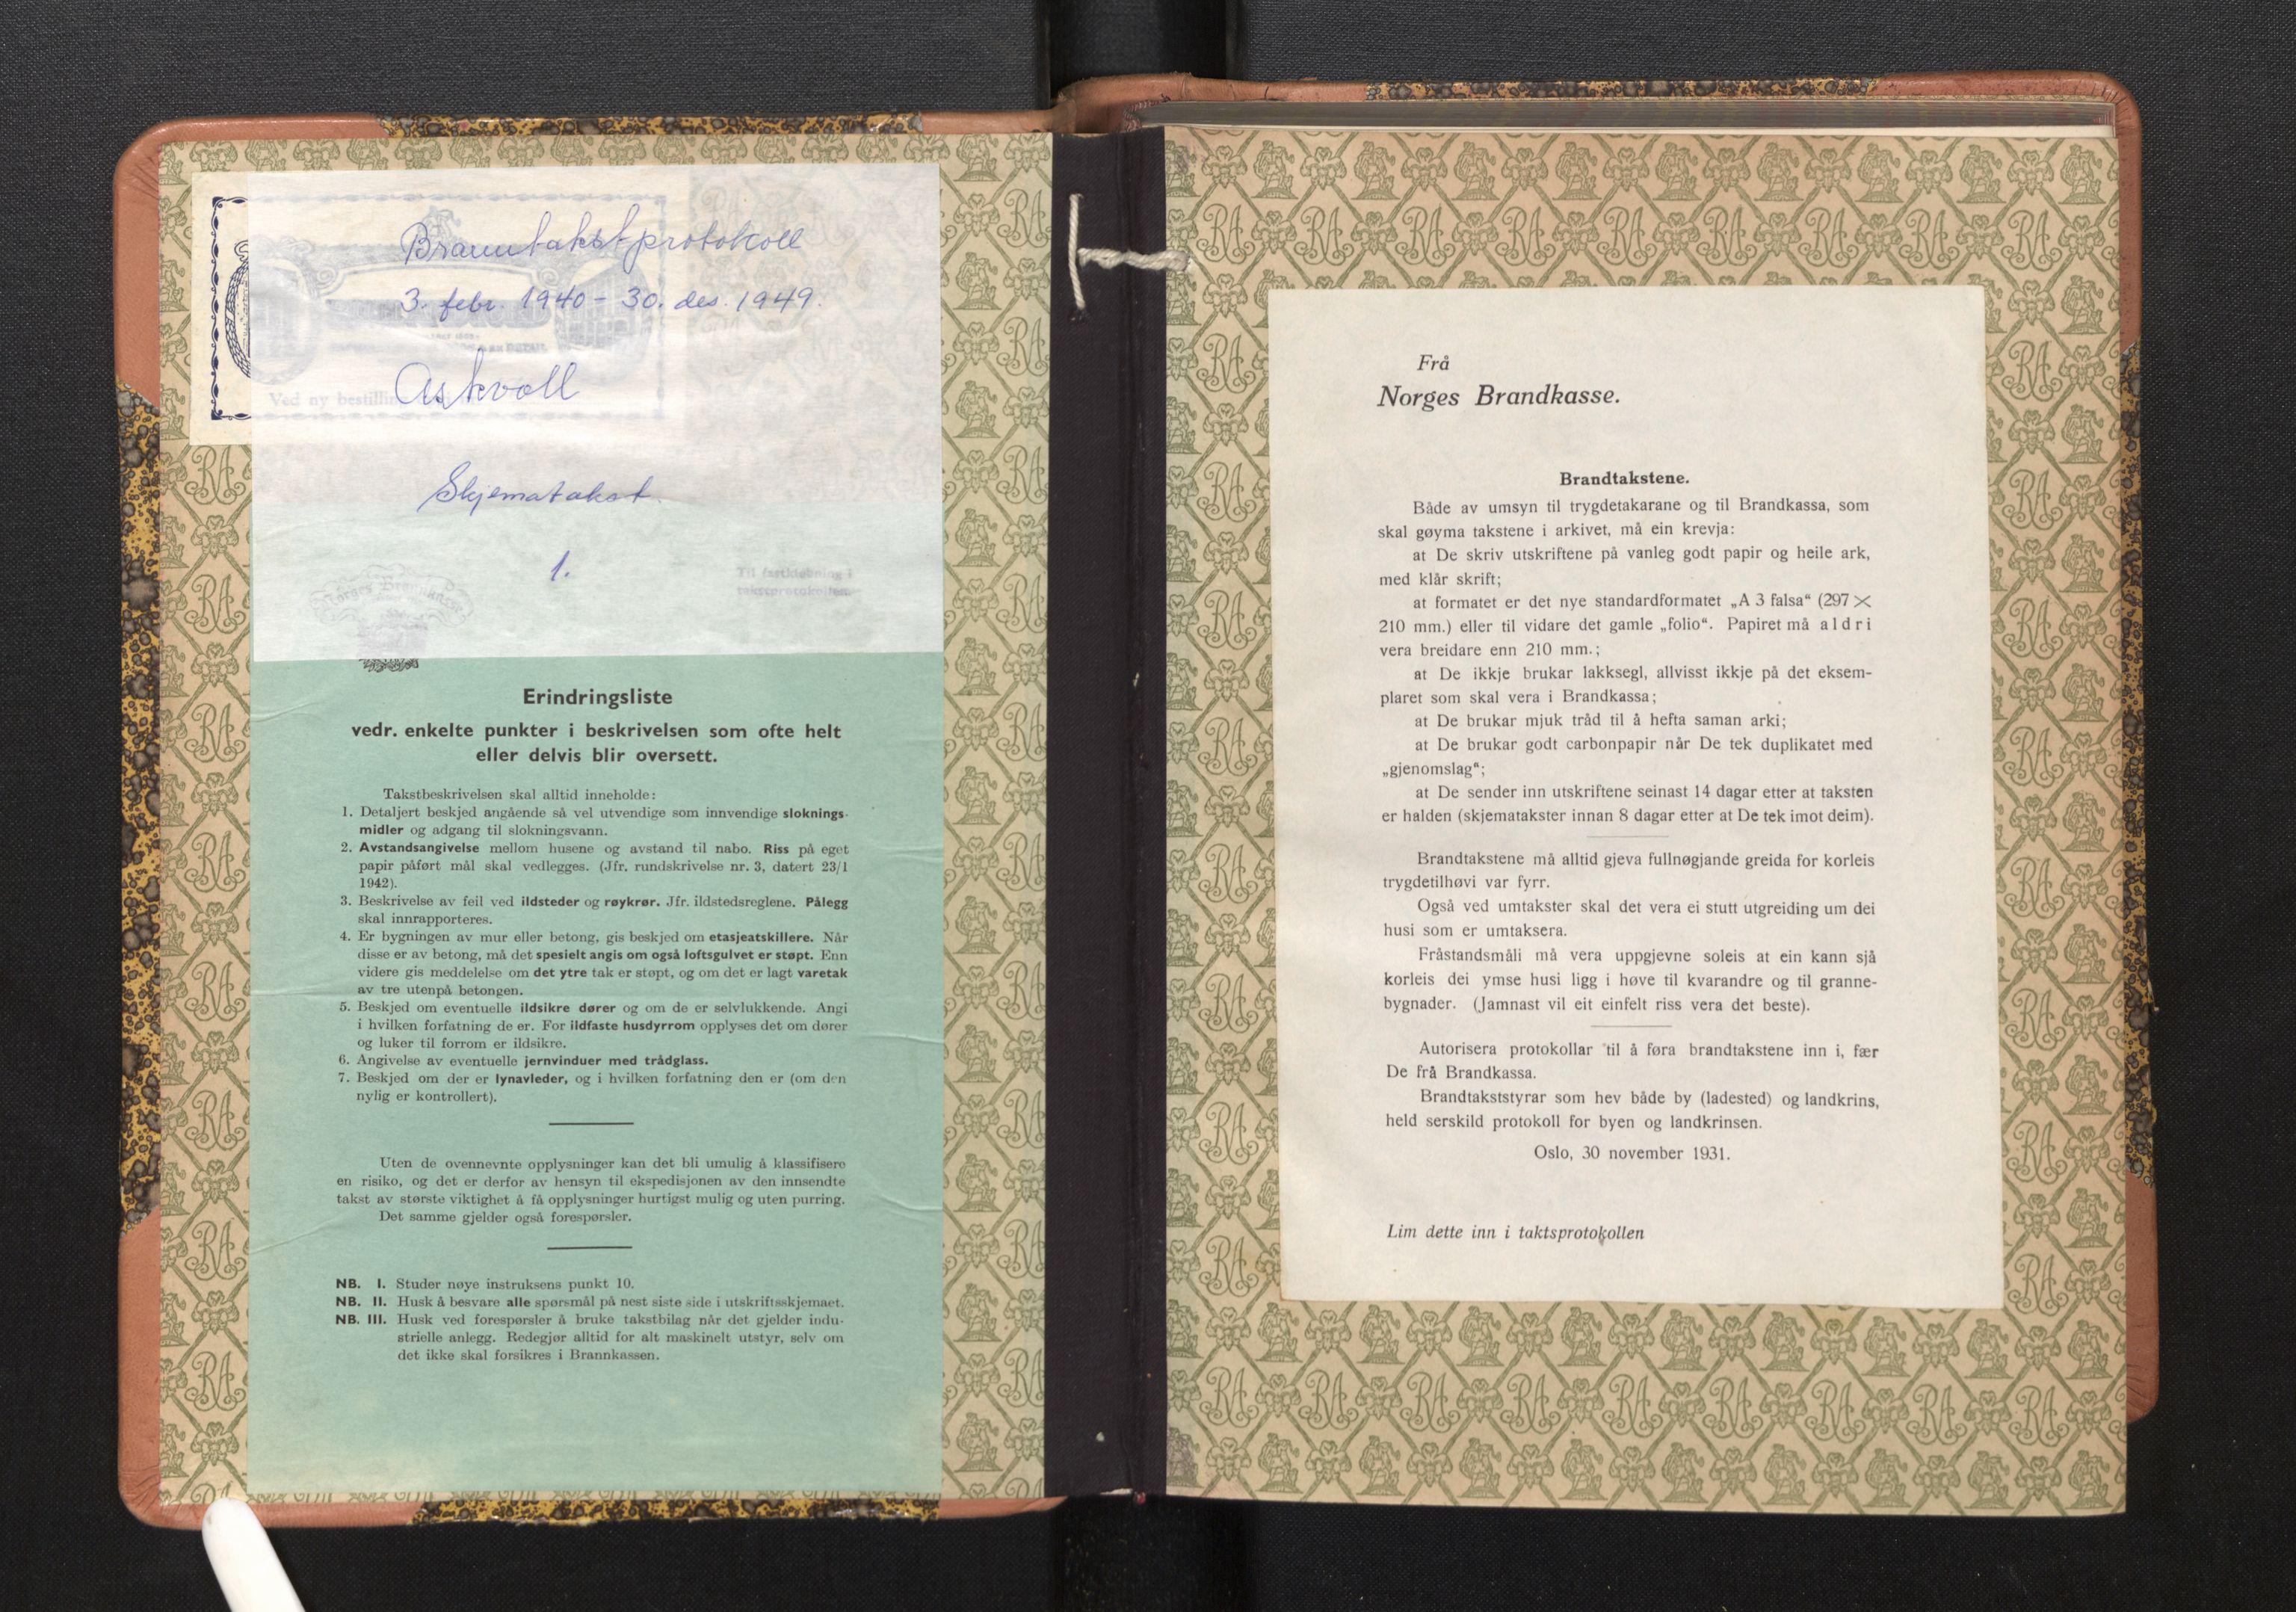 SAB, Lensmannen i Askvoll, 0012/L0005: Branntakstprotokoll, skjematakst, 1940-1949